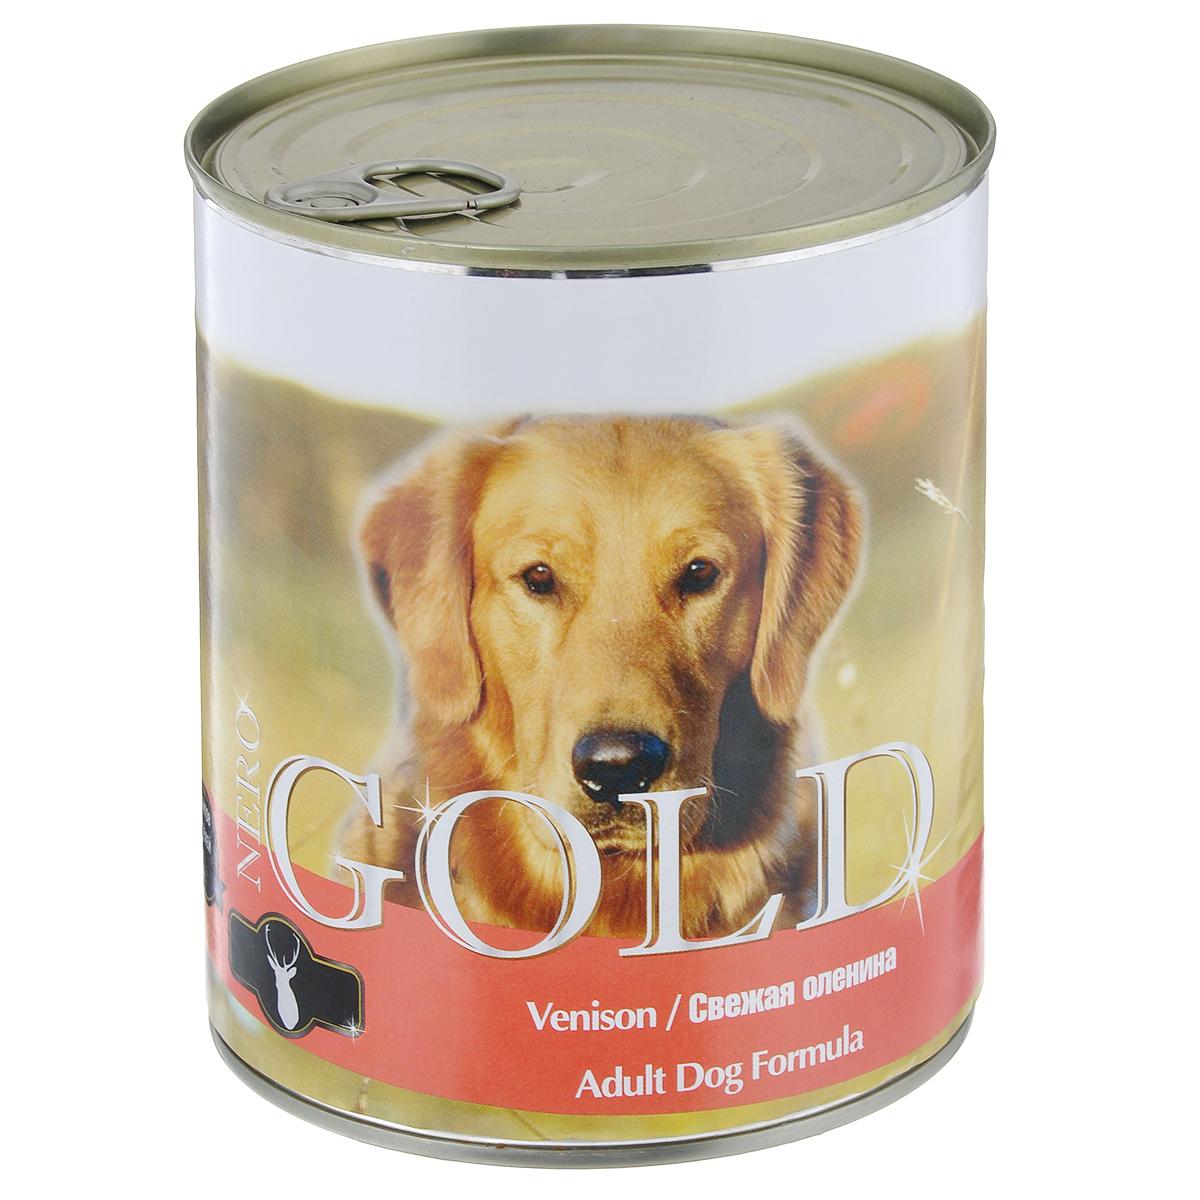 Консервы для собак Nero Gold, с олениной, 810 г10327Консервы для собак Nero Gold - полнорационный продукт, содержащий все необходимые витамины и минералы, сбалансированный для поддержания оптимального здоровья вашего питомца! Состав: мясо и его производные, филе курицы, оленина, злаки, витамины и минералы. Гарантированный анализ: белки 6,5%, жиры 4,5%, клетчатка 0,5%, зола 2%, влага 81%. Пищевые добавки на 1 кг продукта: витамин А 1600 МЕ, витамин D 140 МЕ, витамин Е 10 МЕ, железо 24 мг, марганец 6 мг, цинк 15 мг, медь 1 мг, магний 200 мг, йод 0,3 мг, селен 0,2 мг.Вес: 810 г. Товар сертифицирован.